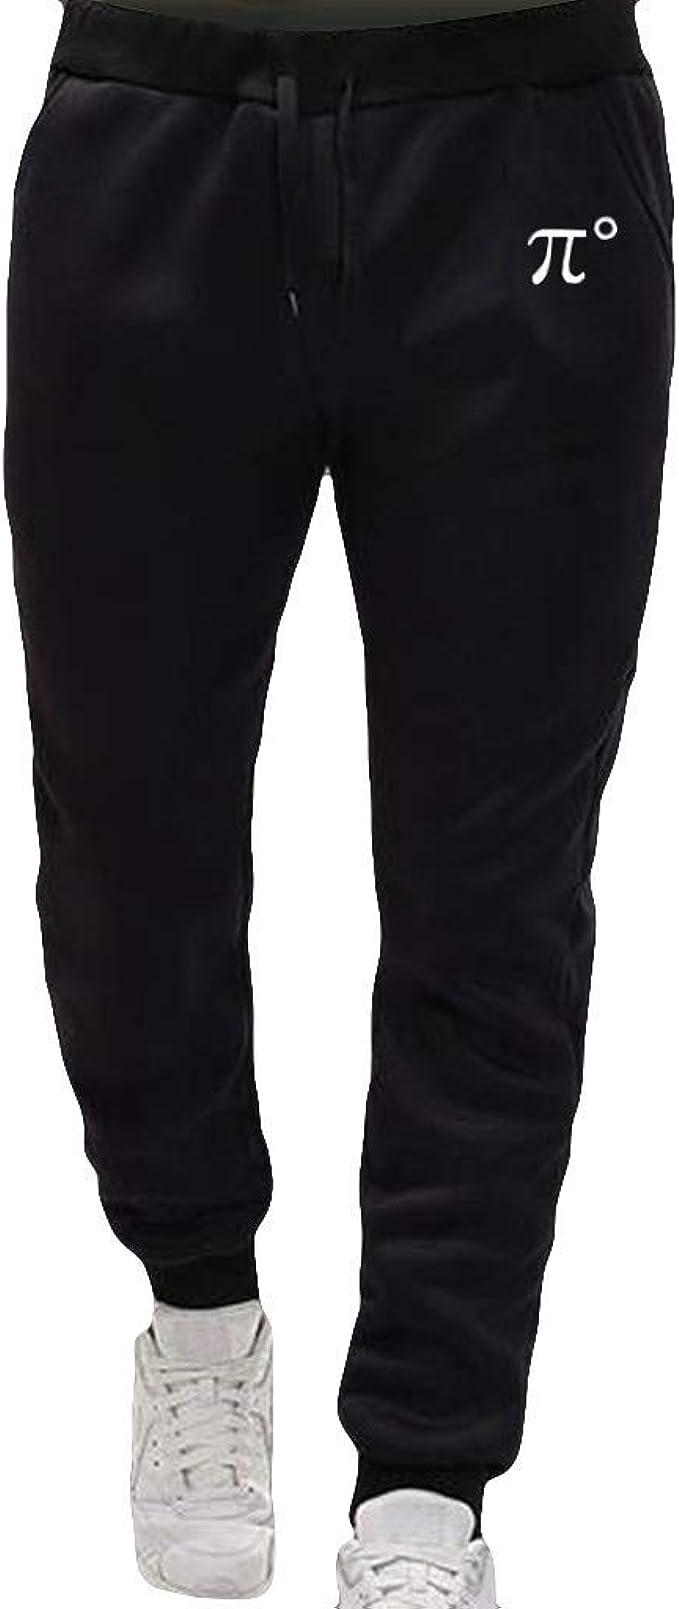 Amazon.com: GWshop - Pantalones deportivos para hombre ...